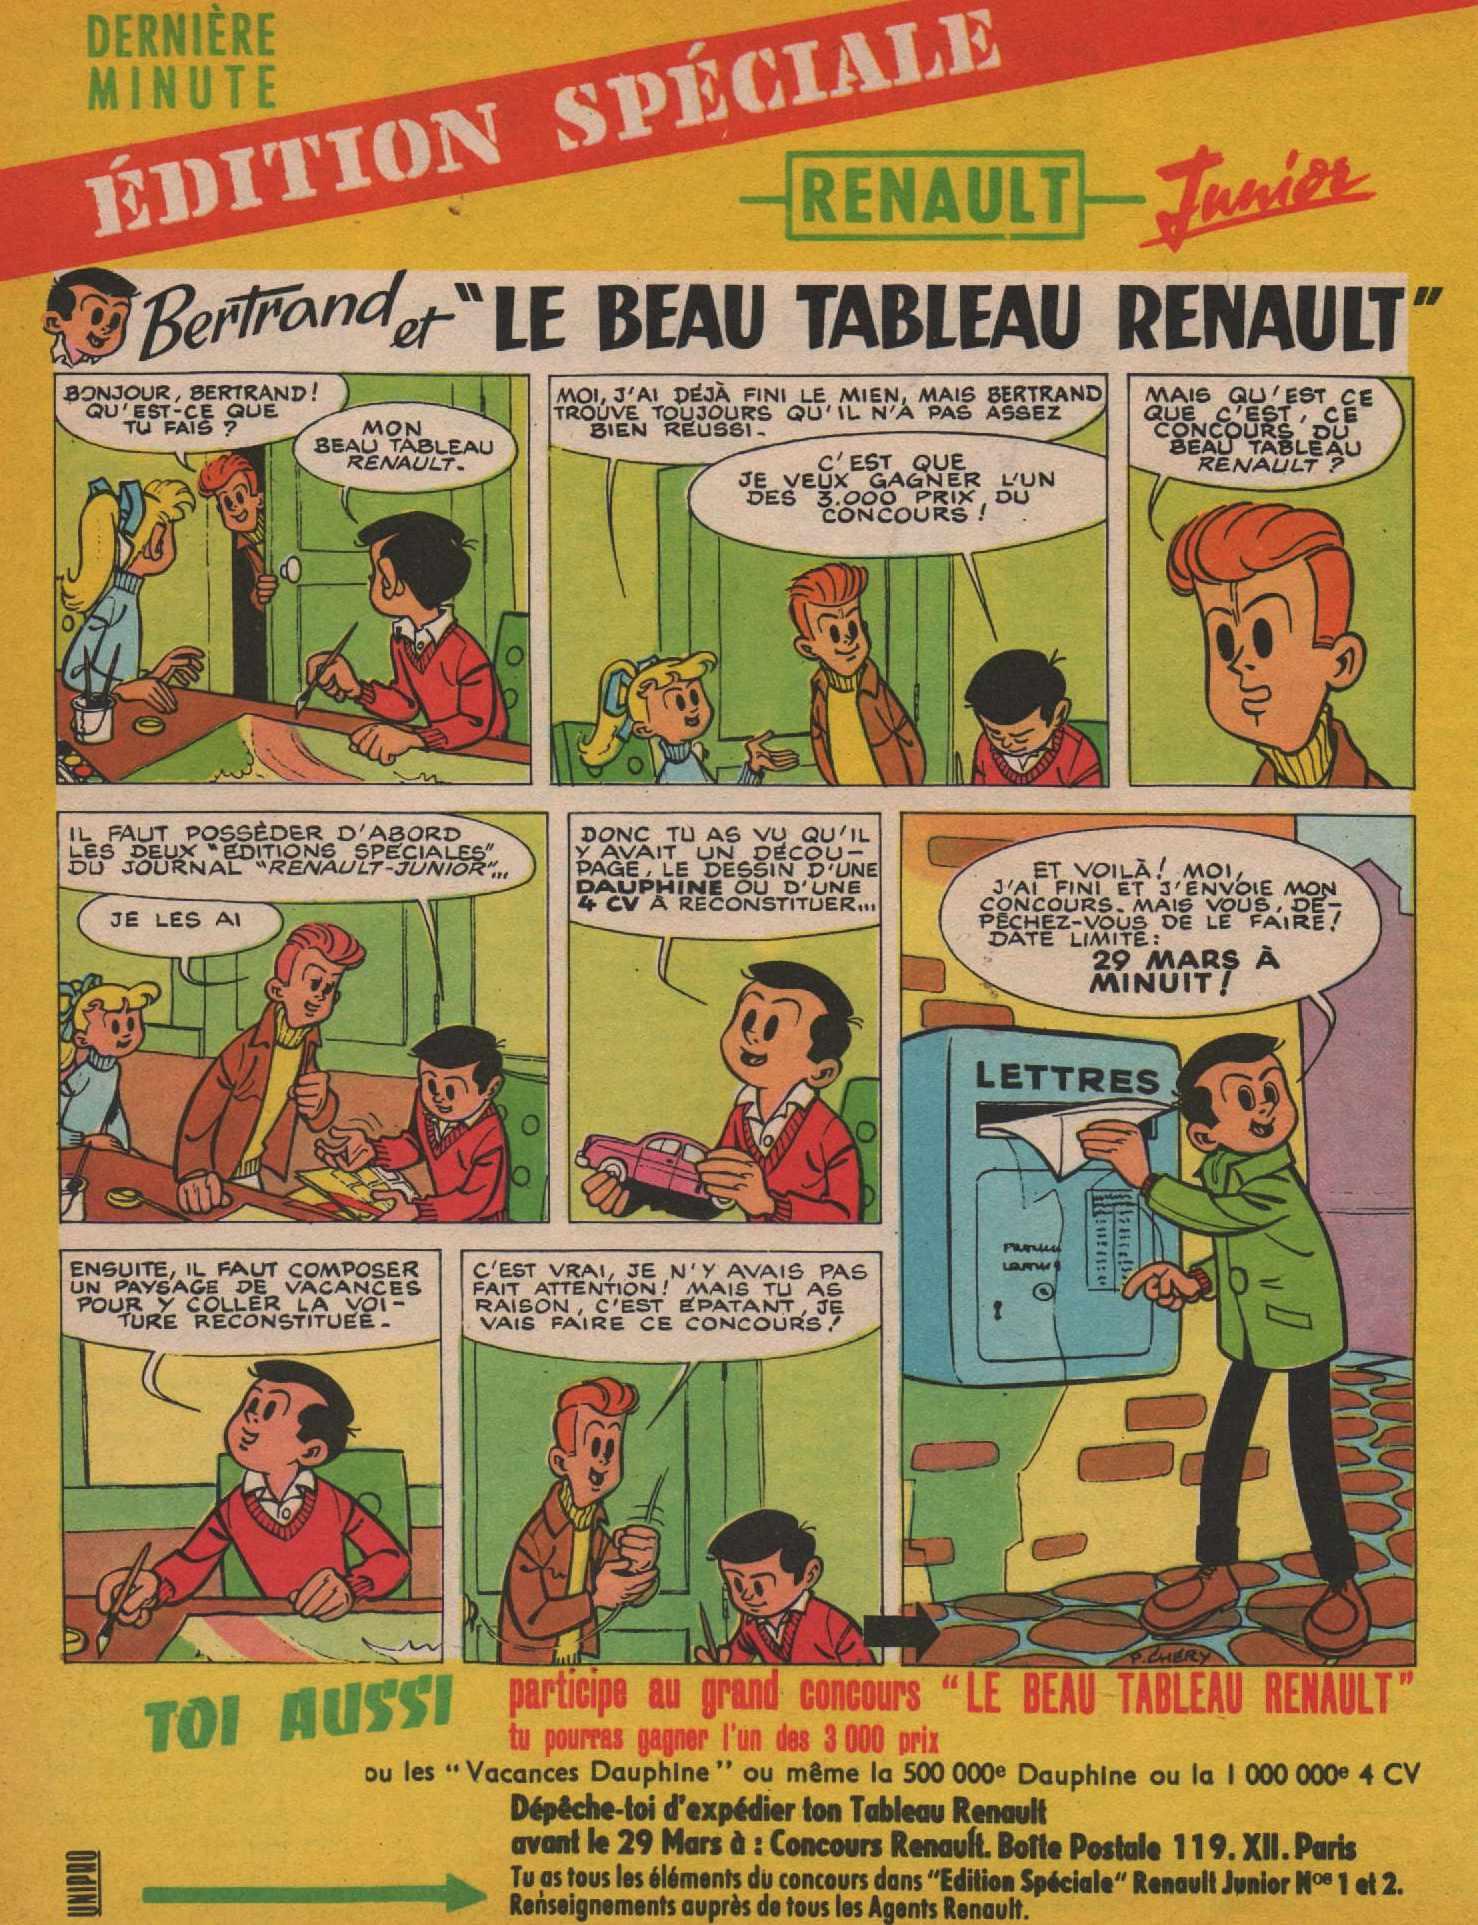 Publicité pour Renault junior La Semaine de Suzette (1959).